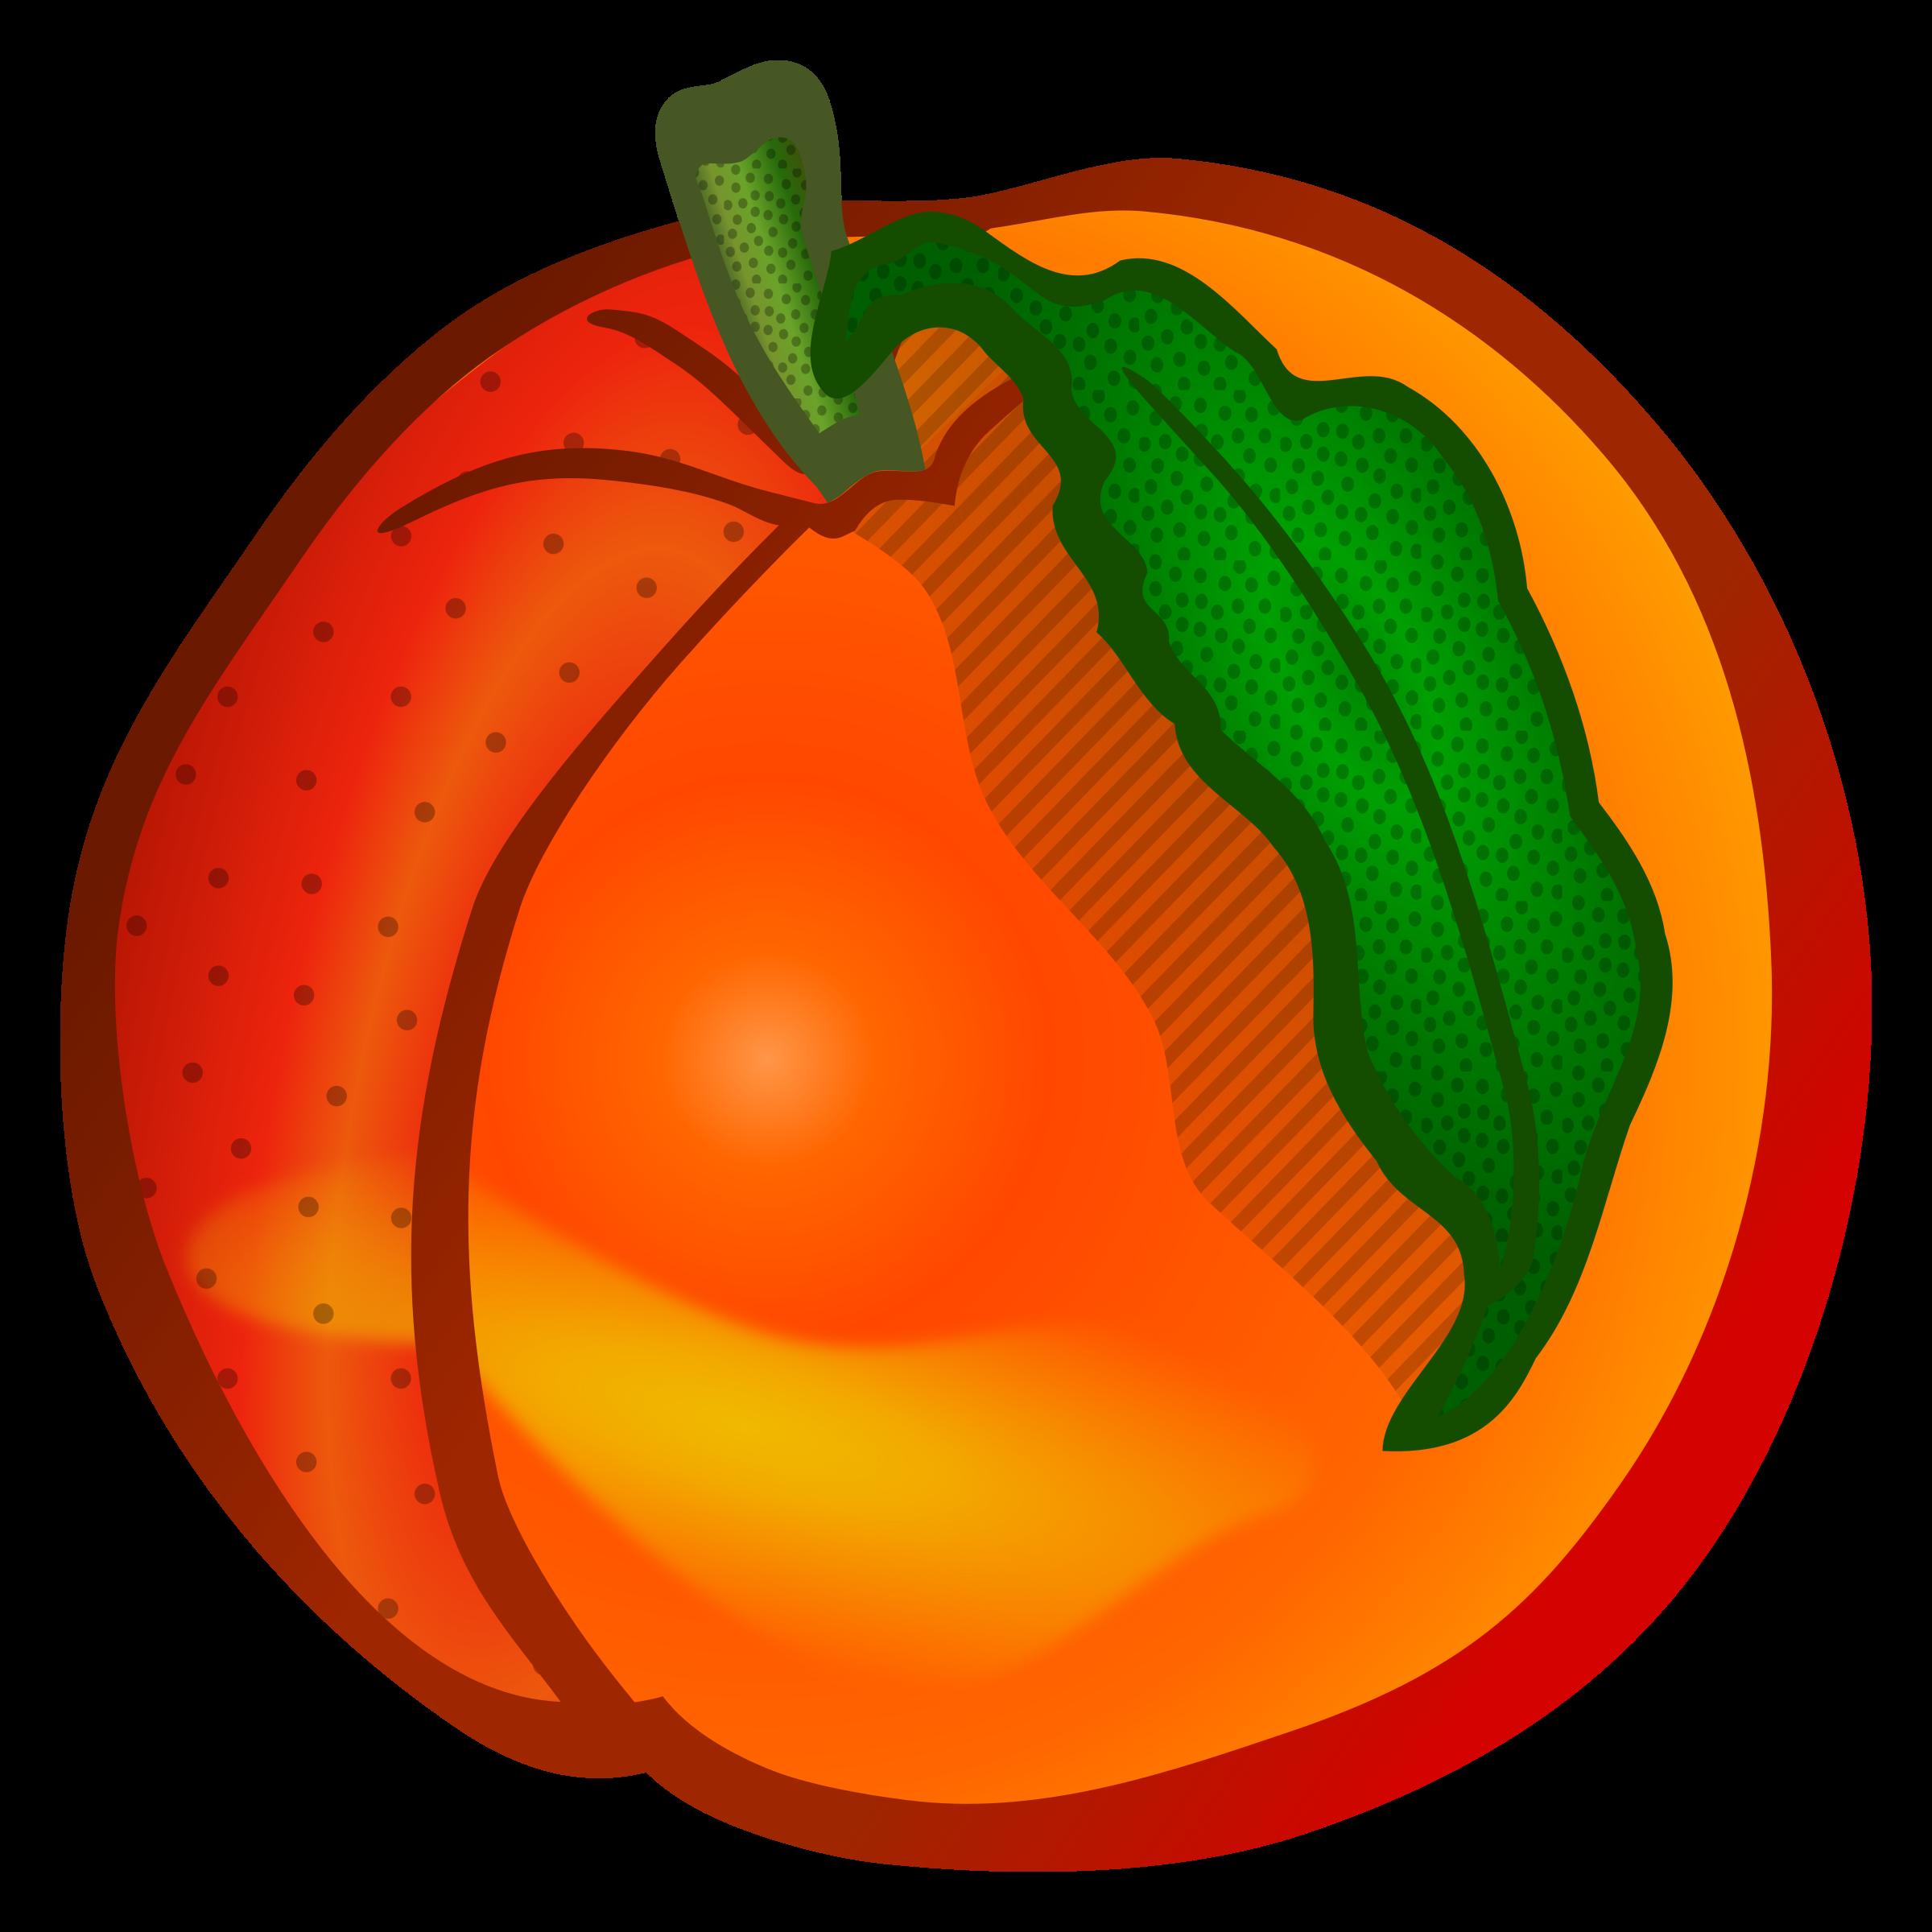 Peach clipart image